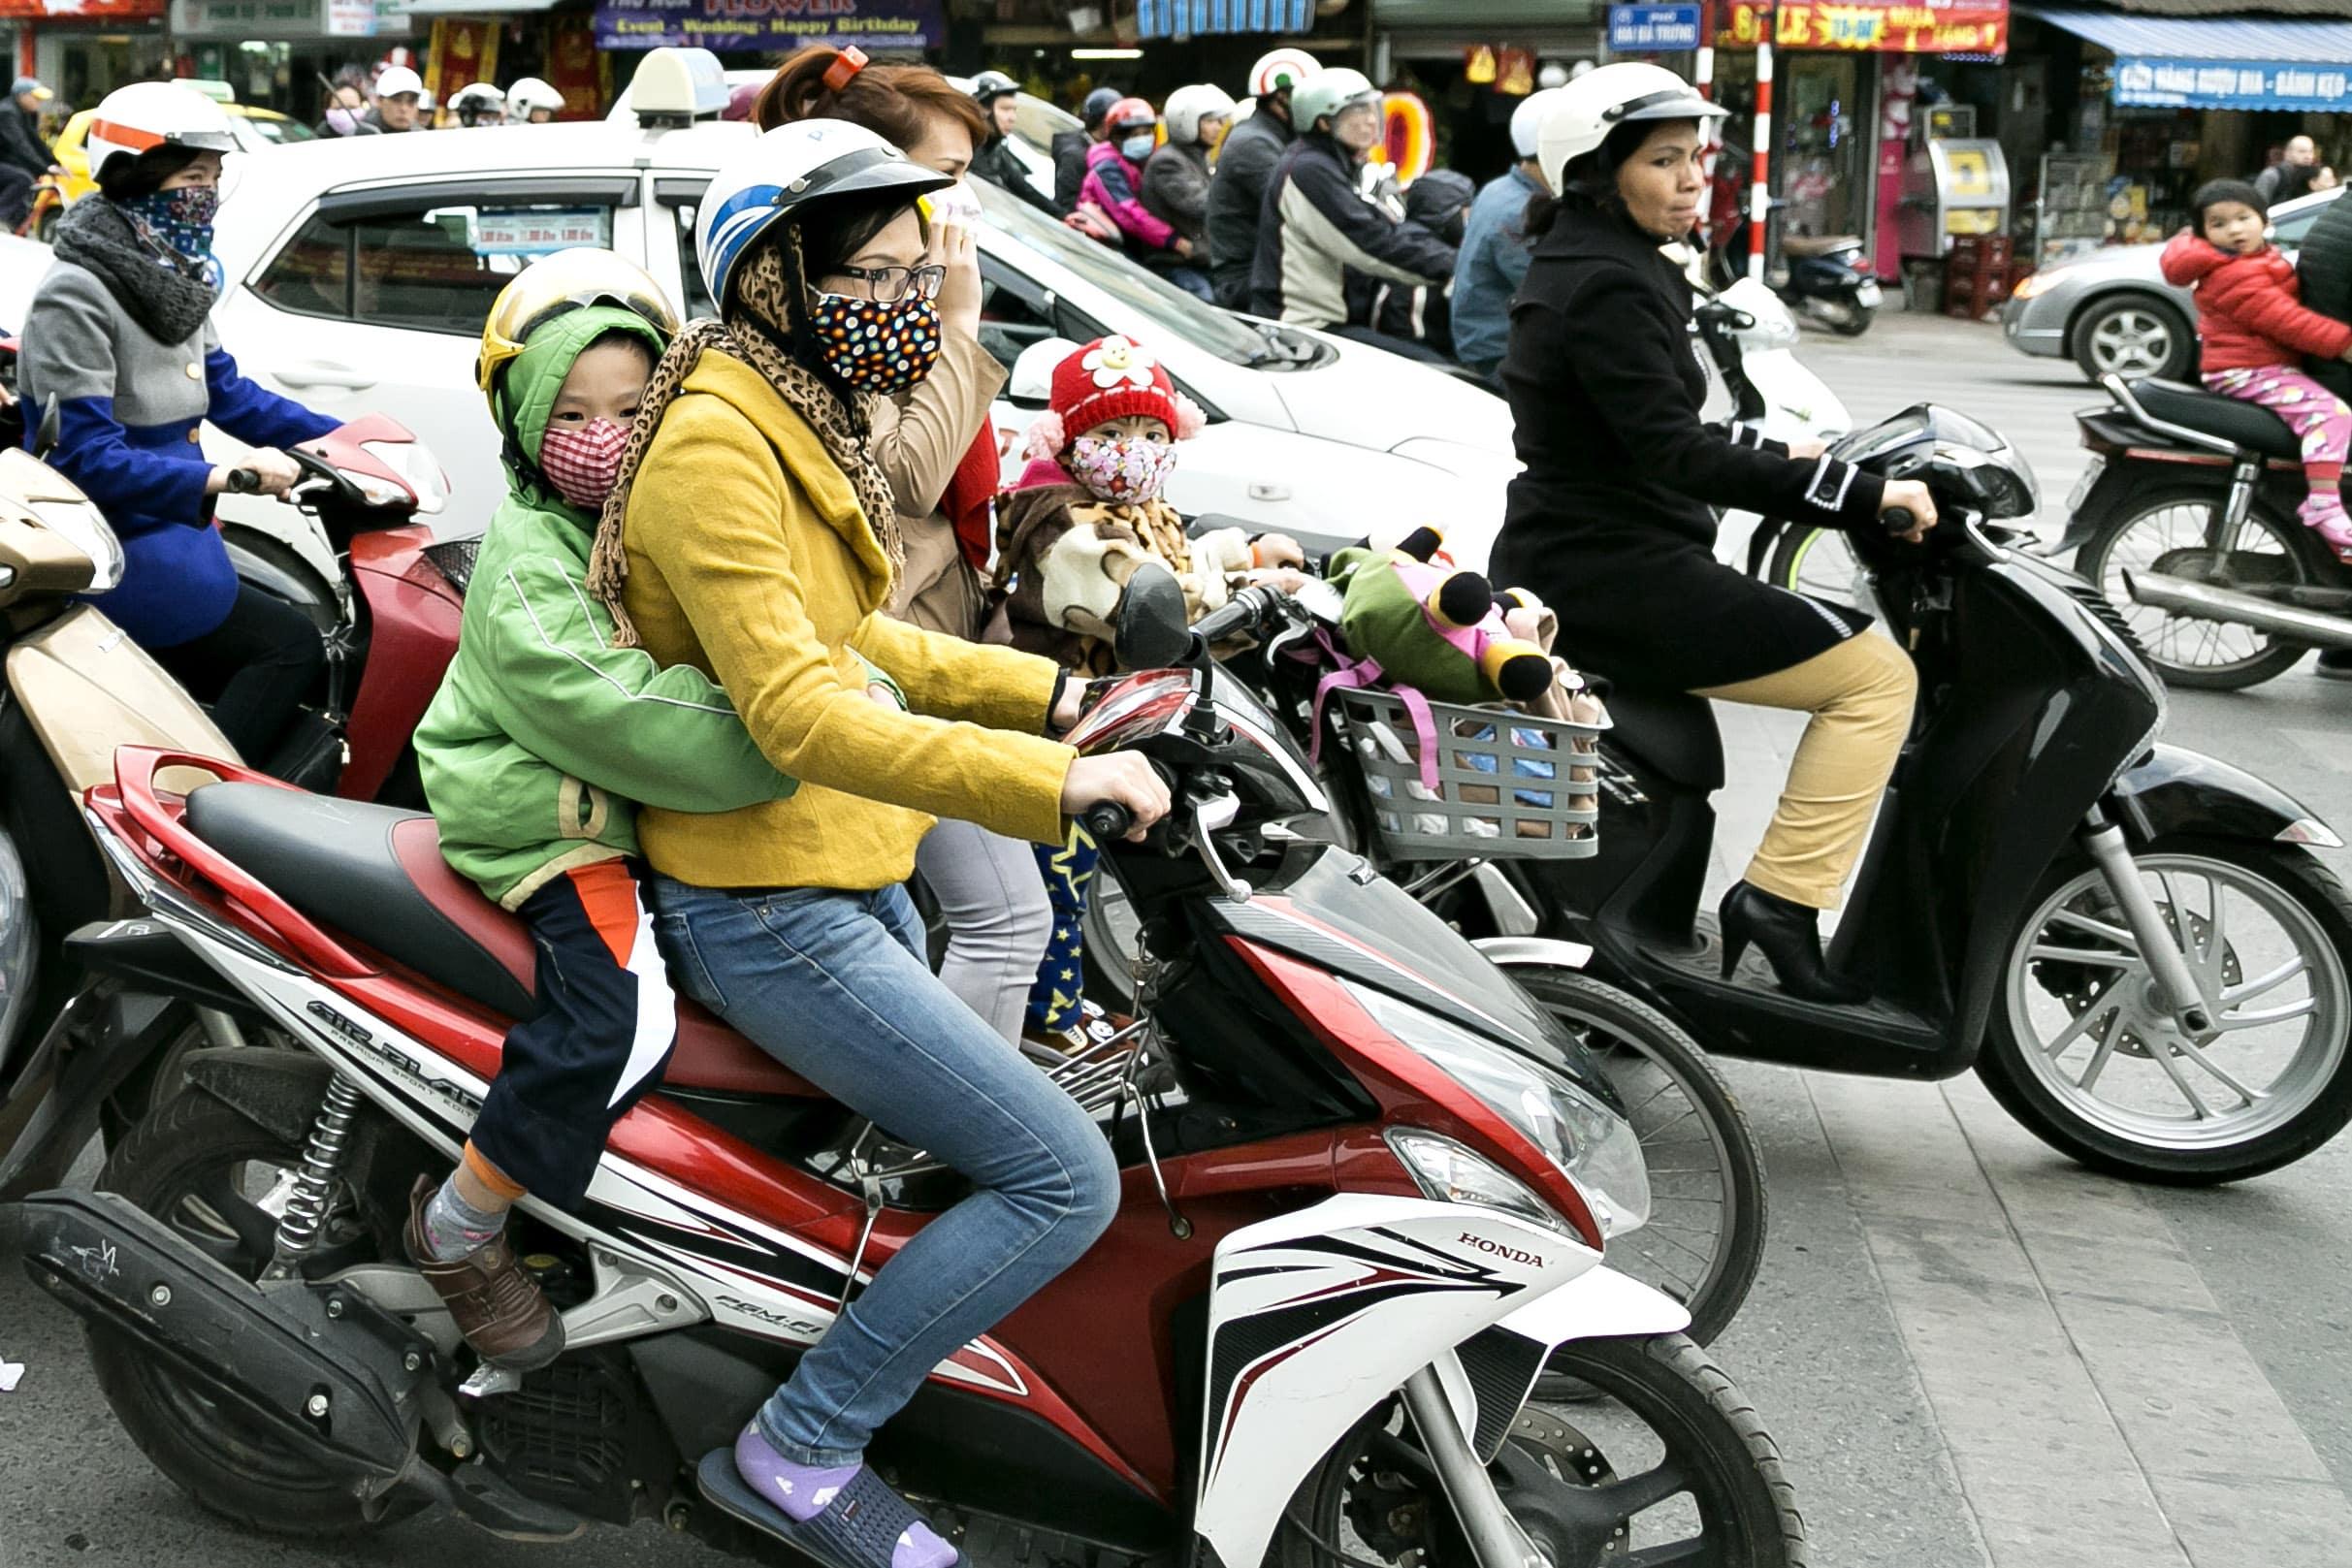 scooter, motorcykler transport vietnam.Genrebilleder. Erhvervsbilleder, erhvervsfoto, hjemmeside, markedsføring,